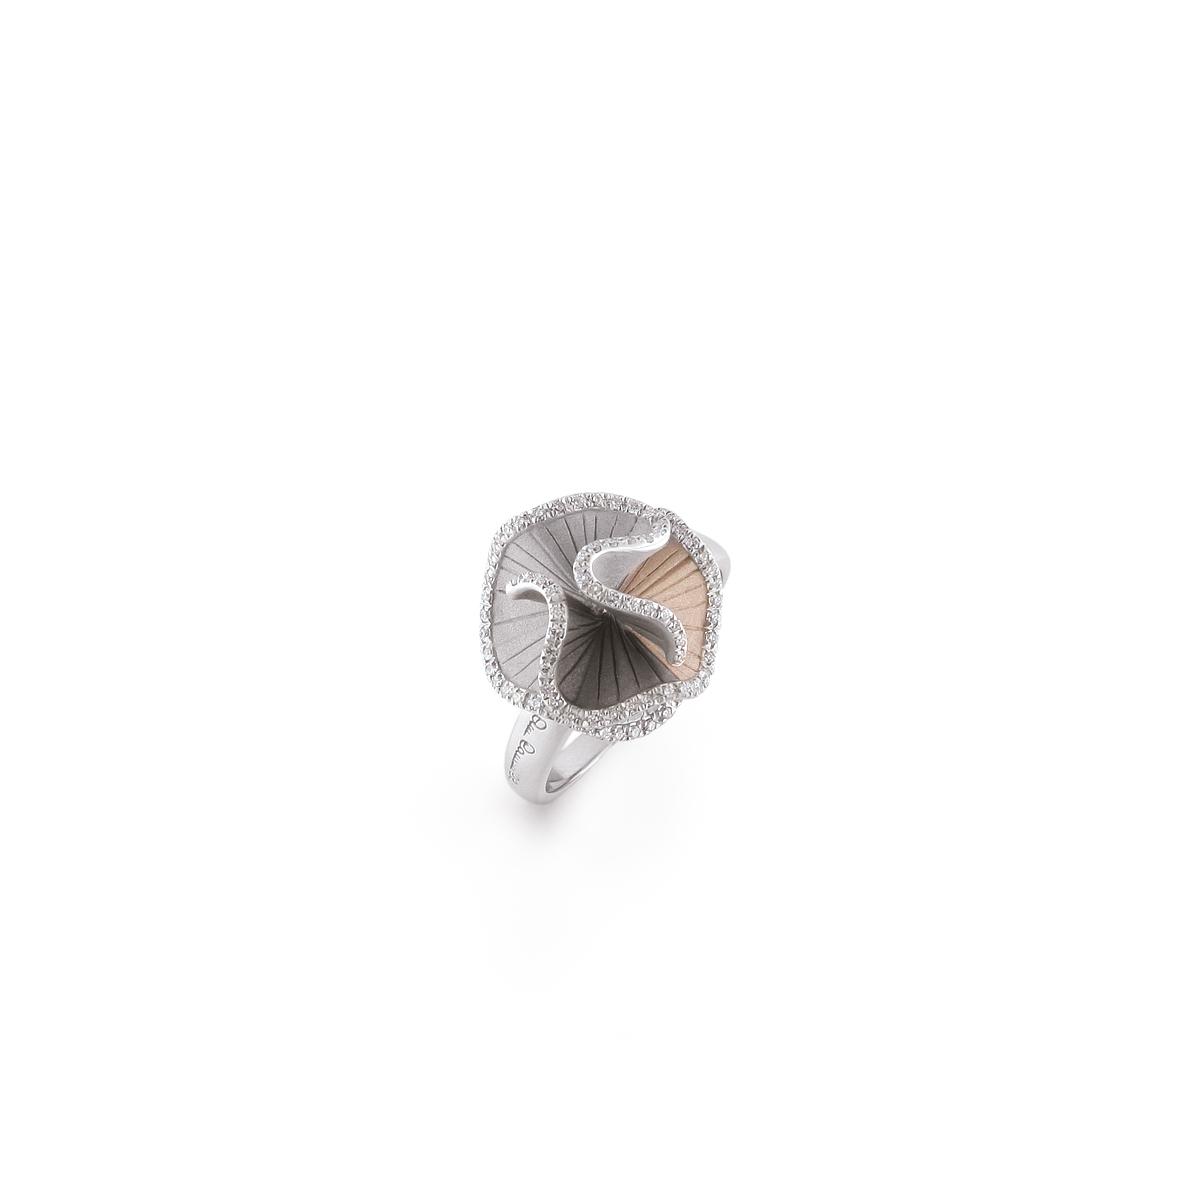 Bague SULTANA petit modèle 3 ors et diamants